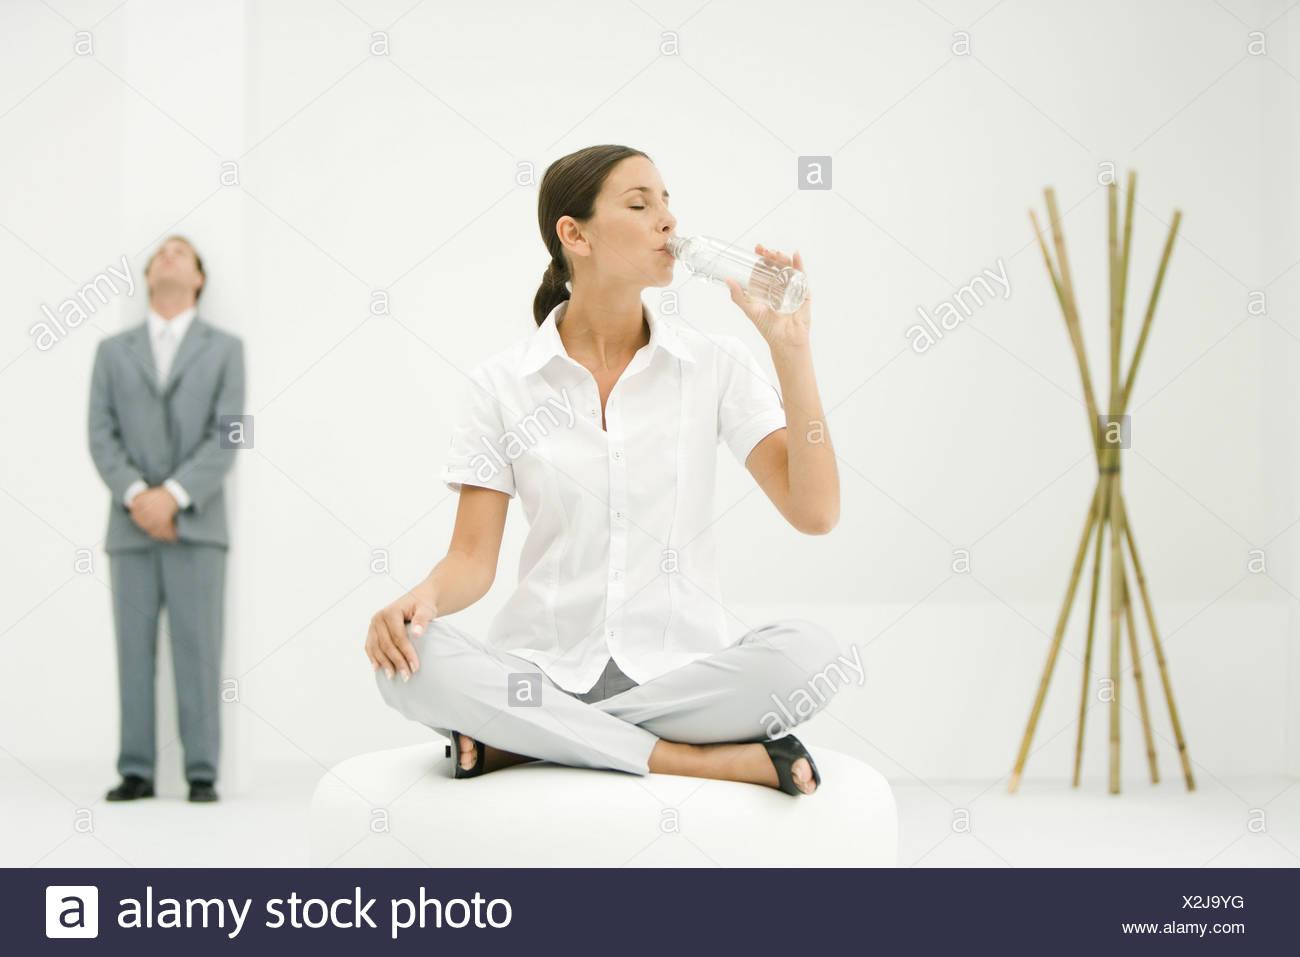 Professional donna seduta su ottomano, bevendo acqua in bottiglia, imprenditore e bambù in background Immagini Stock